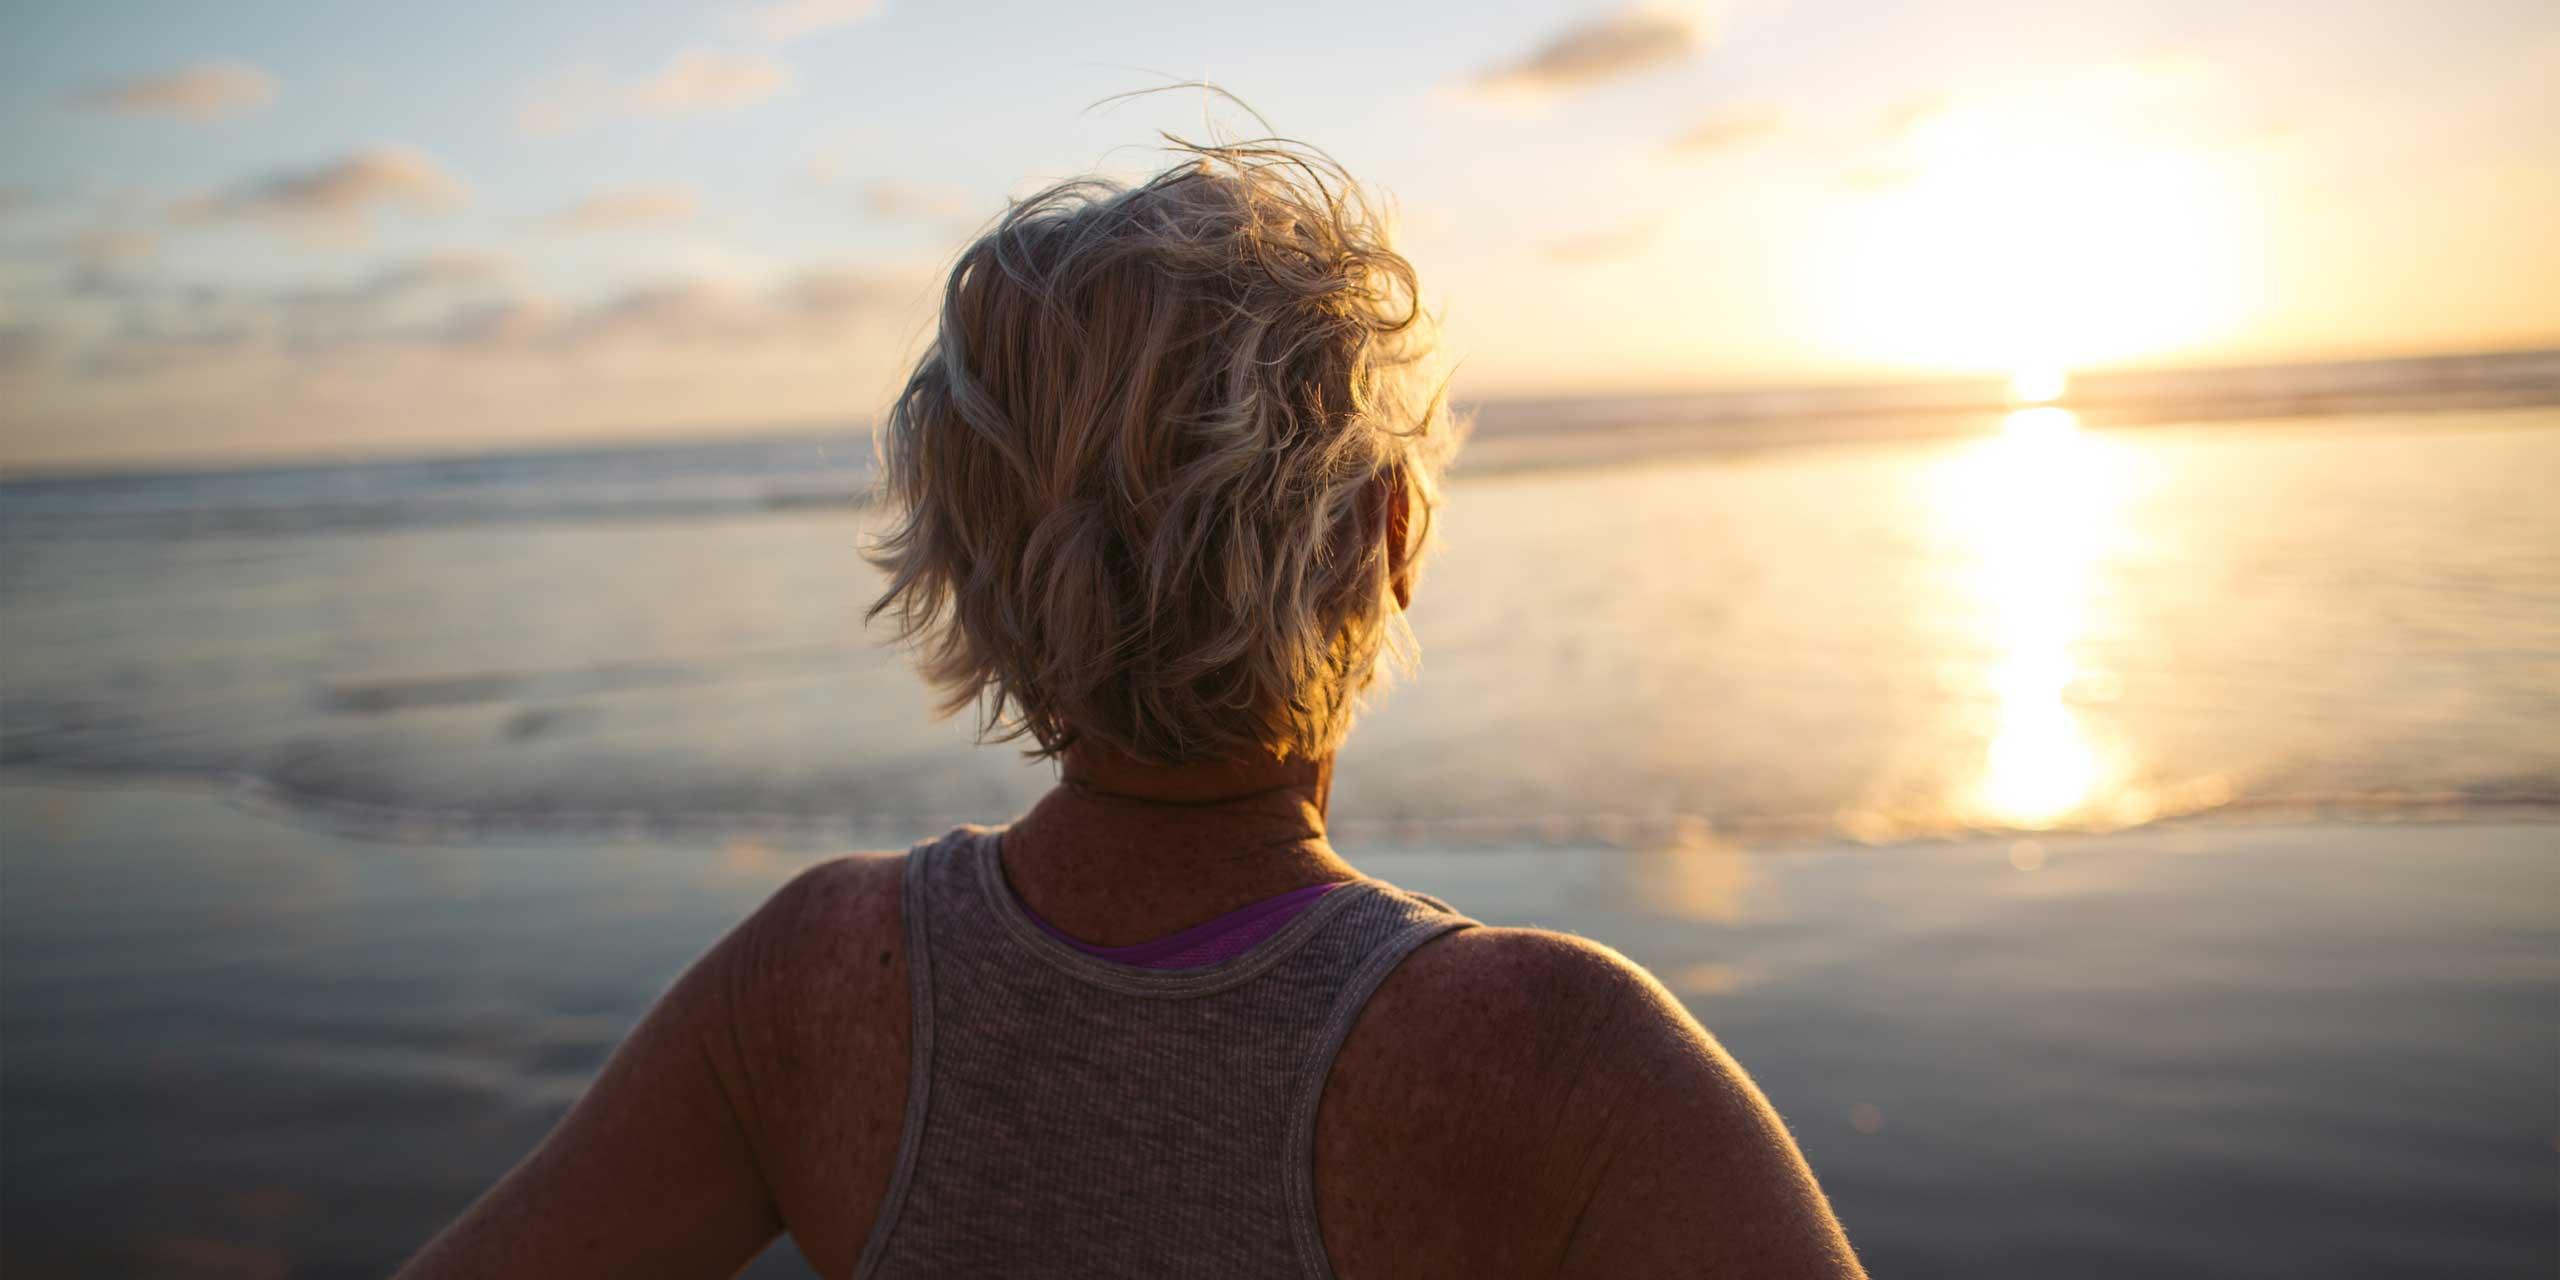 Women looking at sun over ocean